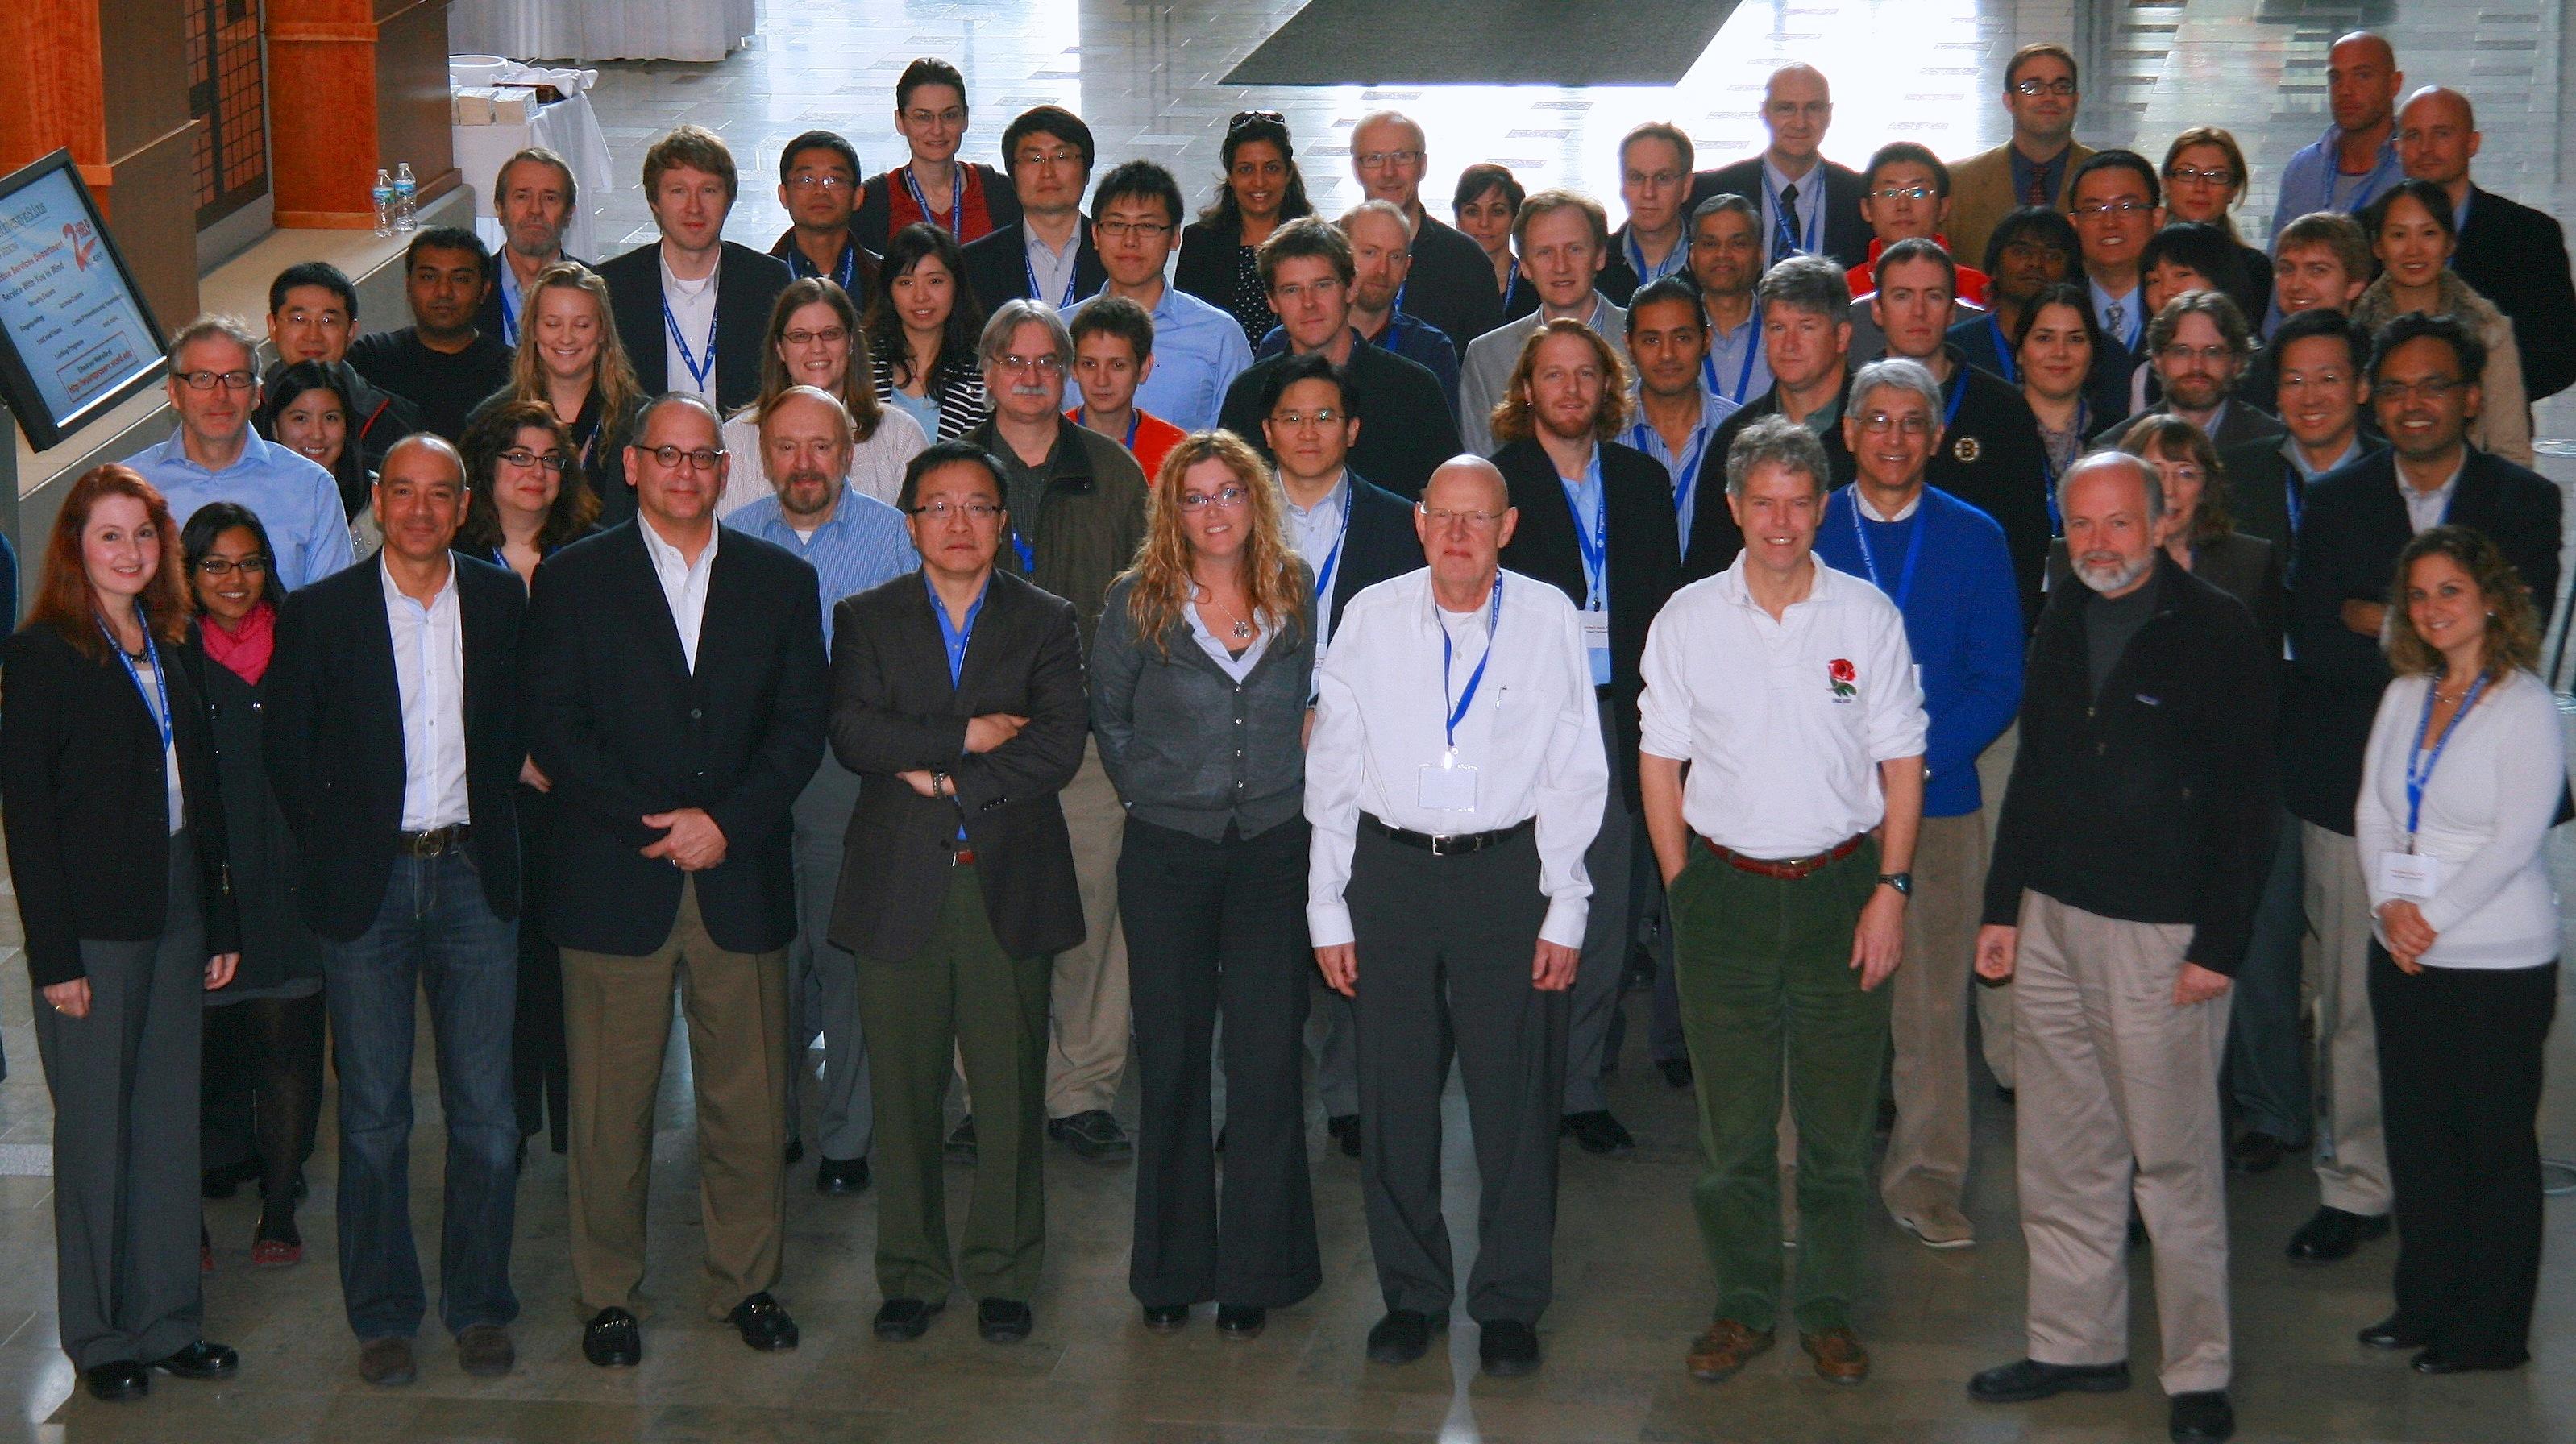 Inter-PEN meeting St. Louis nanotechnology